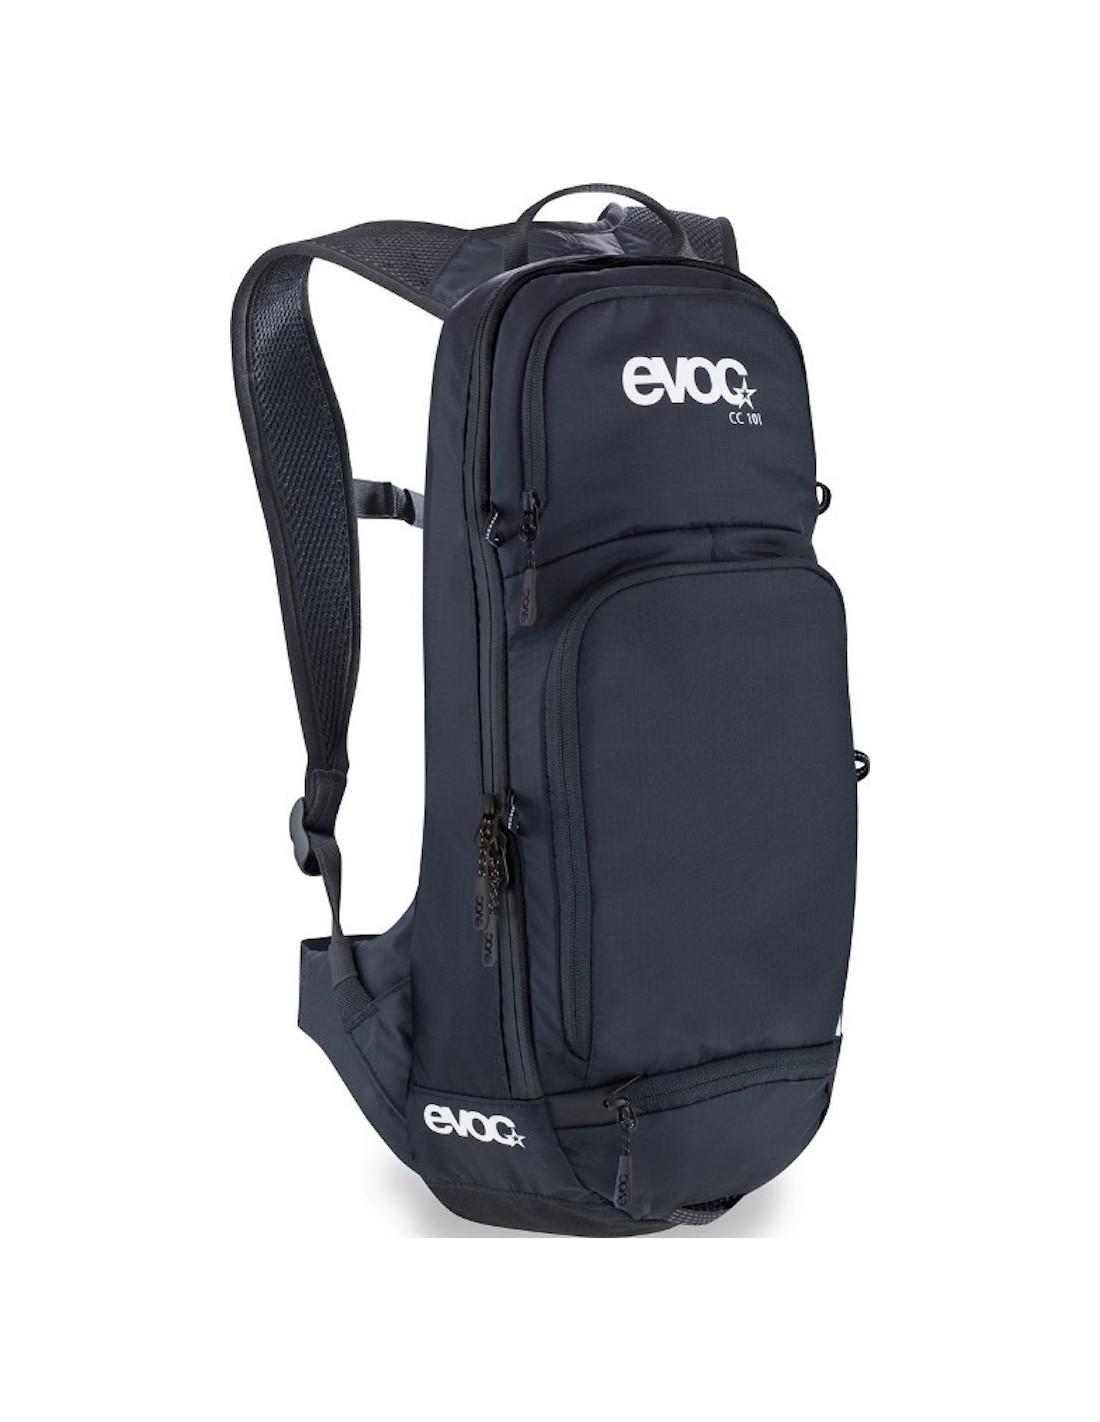 2a52e17148c21 Plecak rowerowy Evoc CC 10L czarny